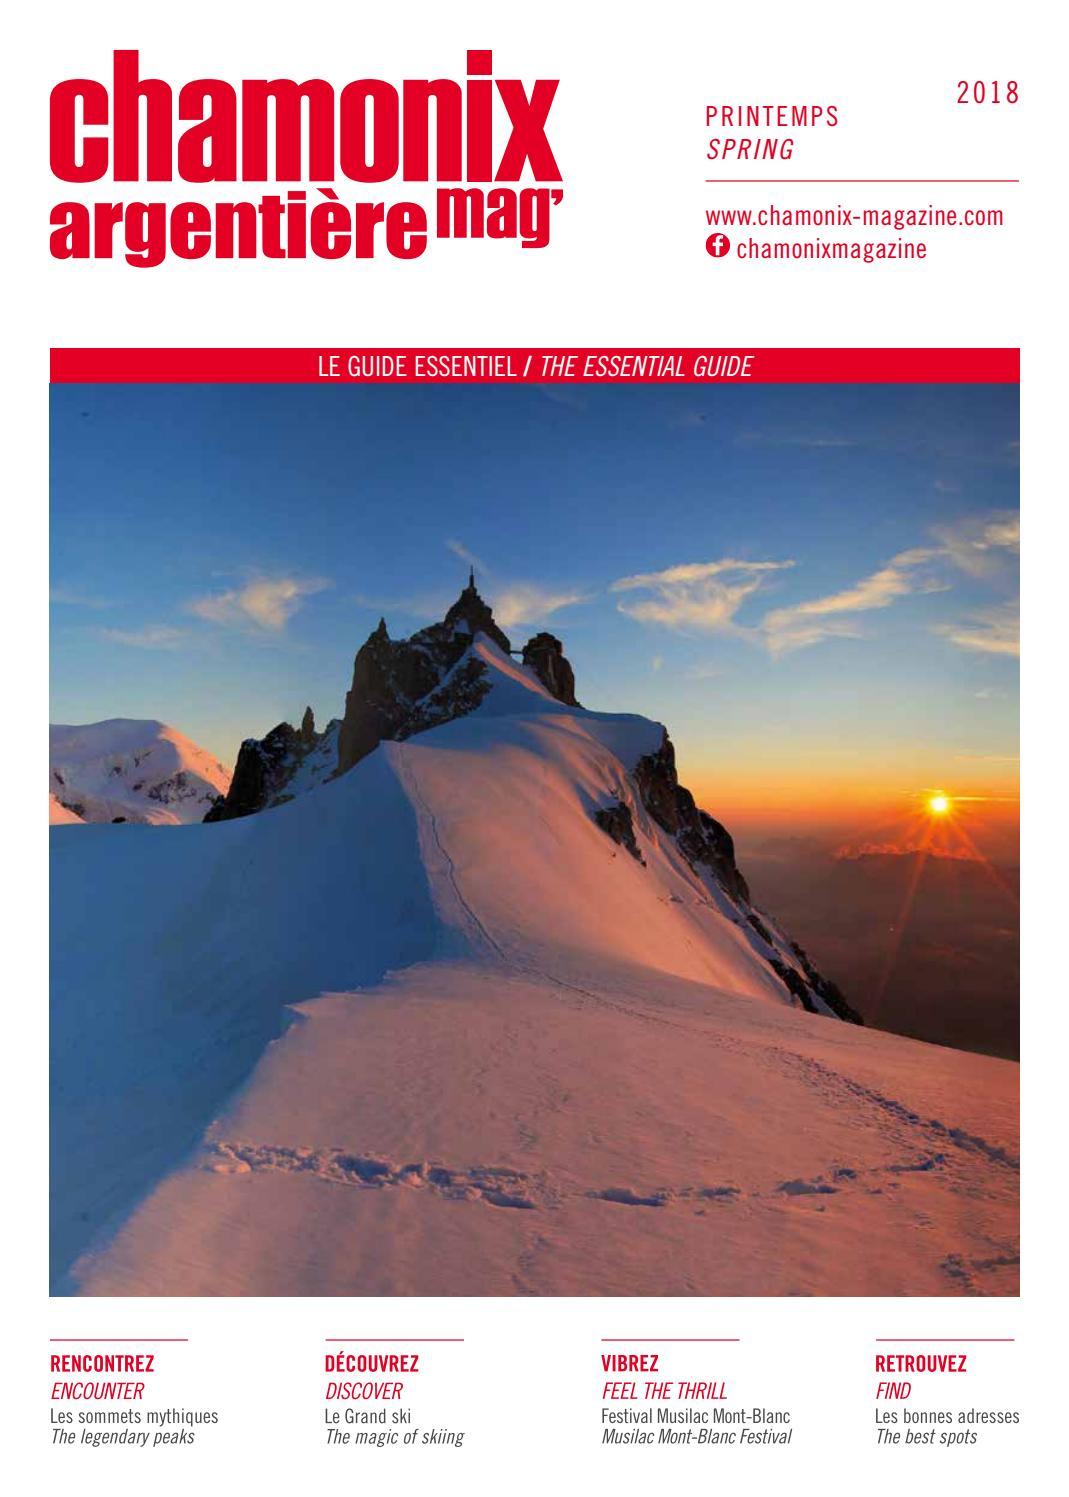 fd0d4c8d1d9 Chamonix magazine printemps 2018 by Édimontagne - issuu